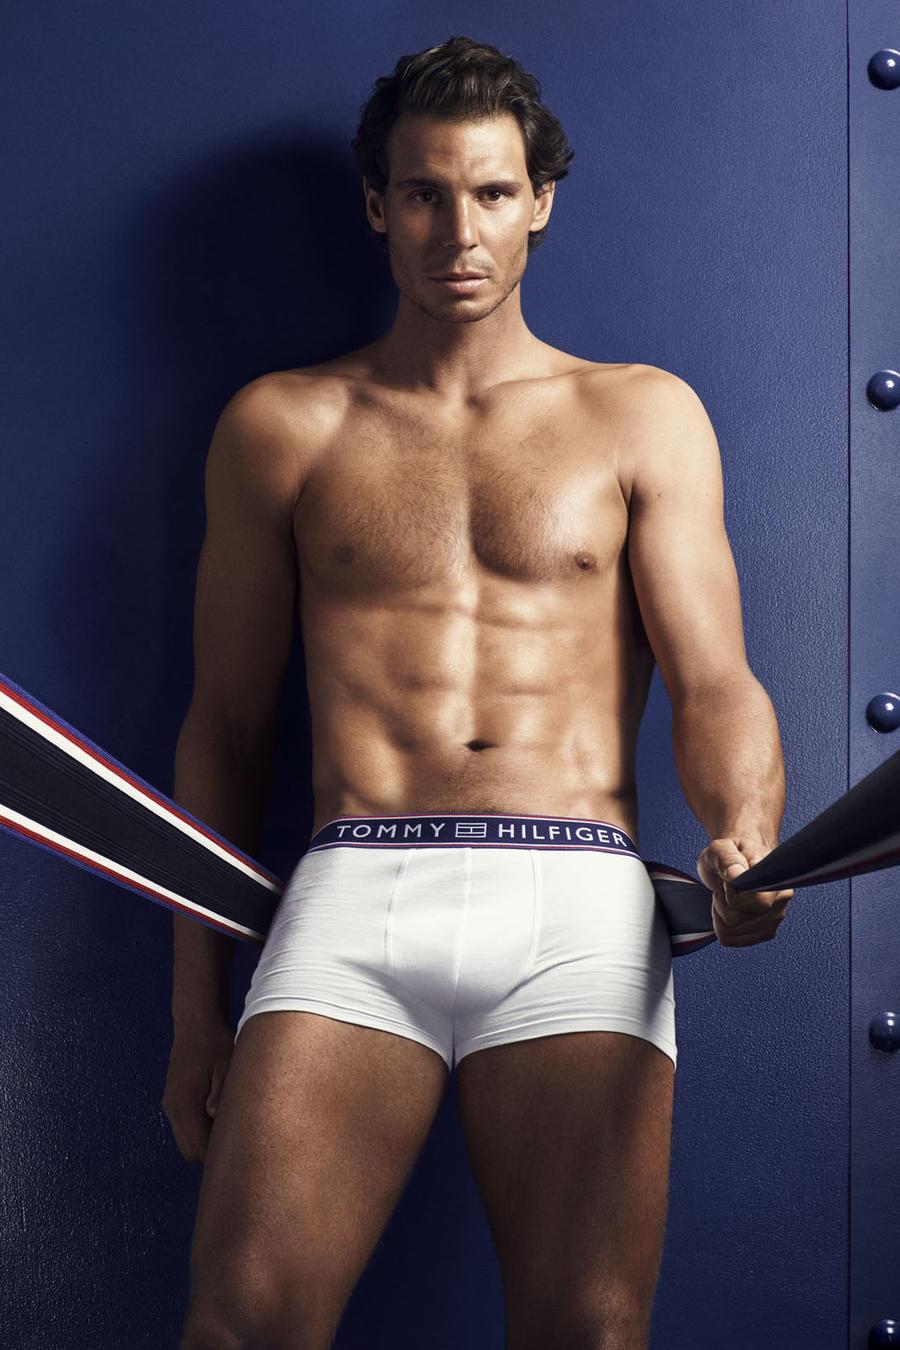 Rafael Nadal en la campaña de Tommy Hilfiger